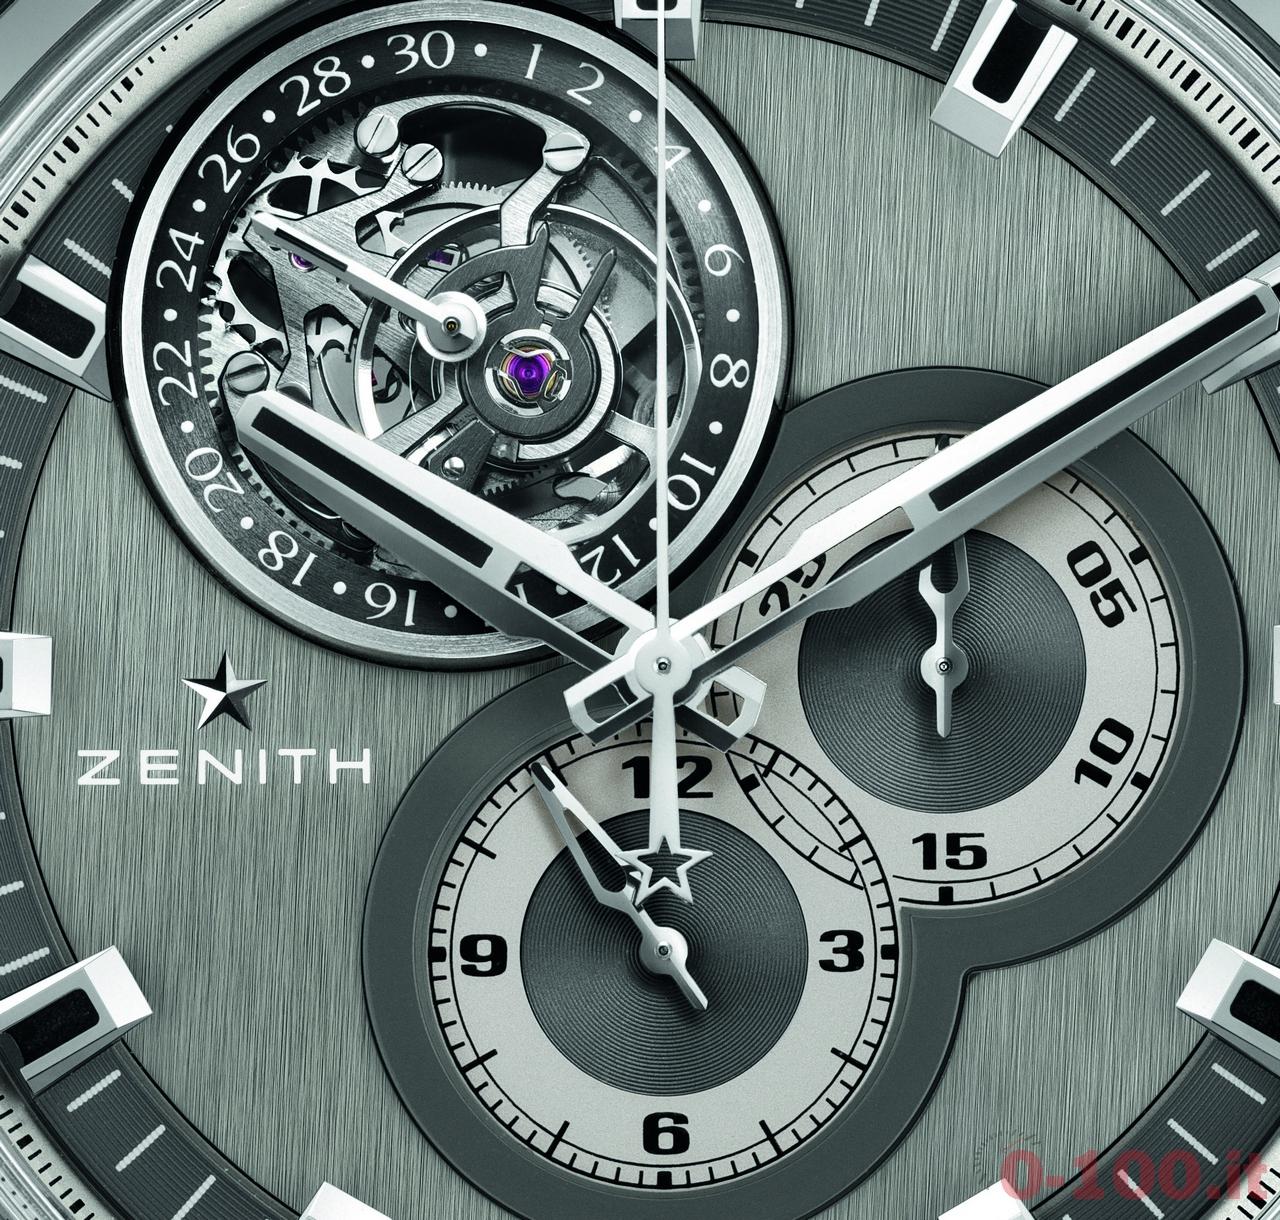 nuovi-zenith-el-primero-tourbillon-prezzo-price_0-1005